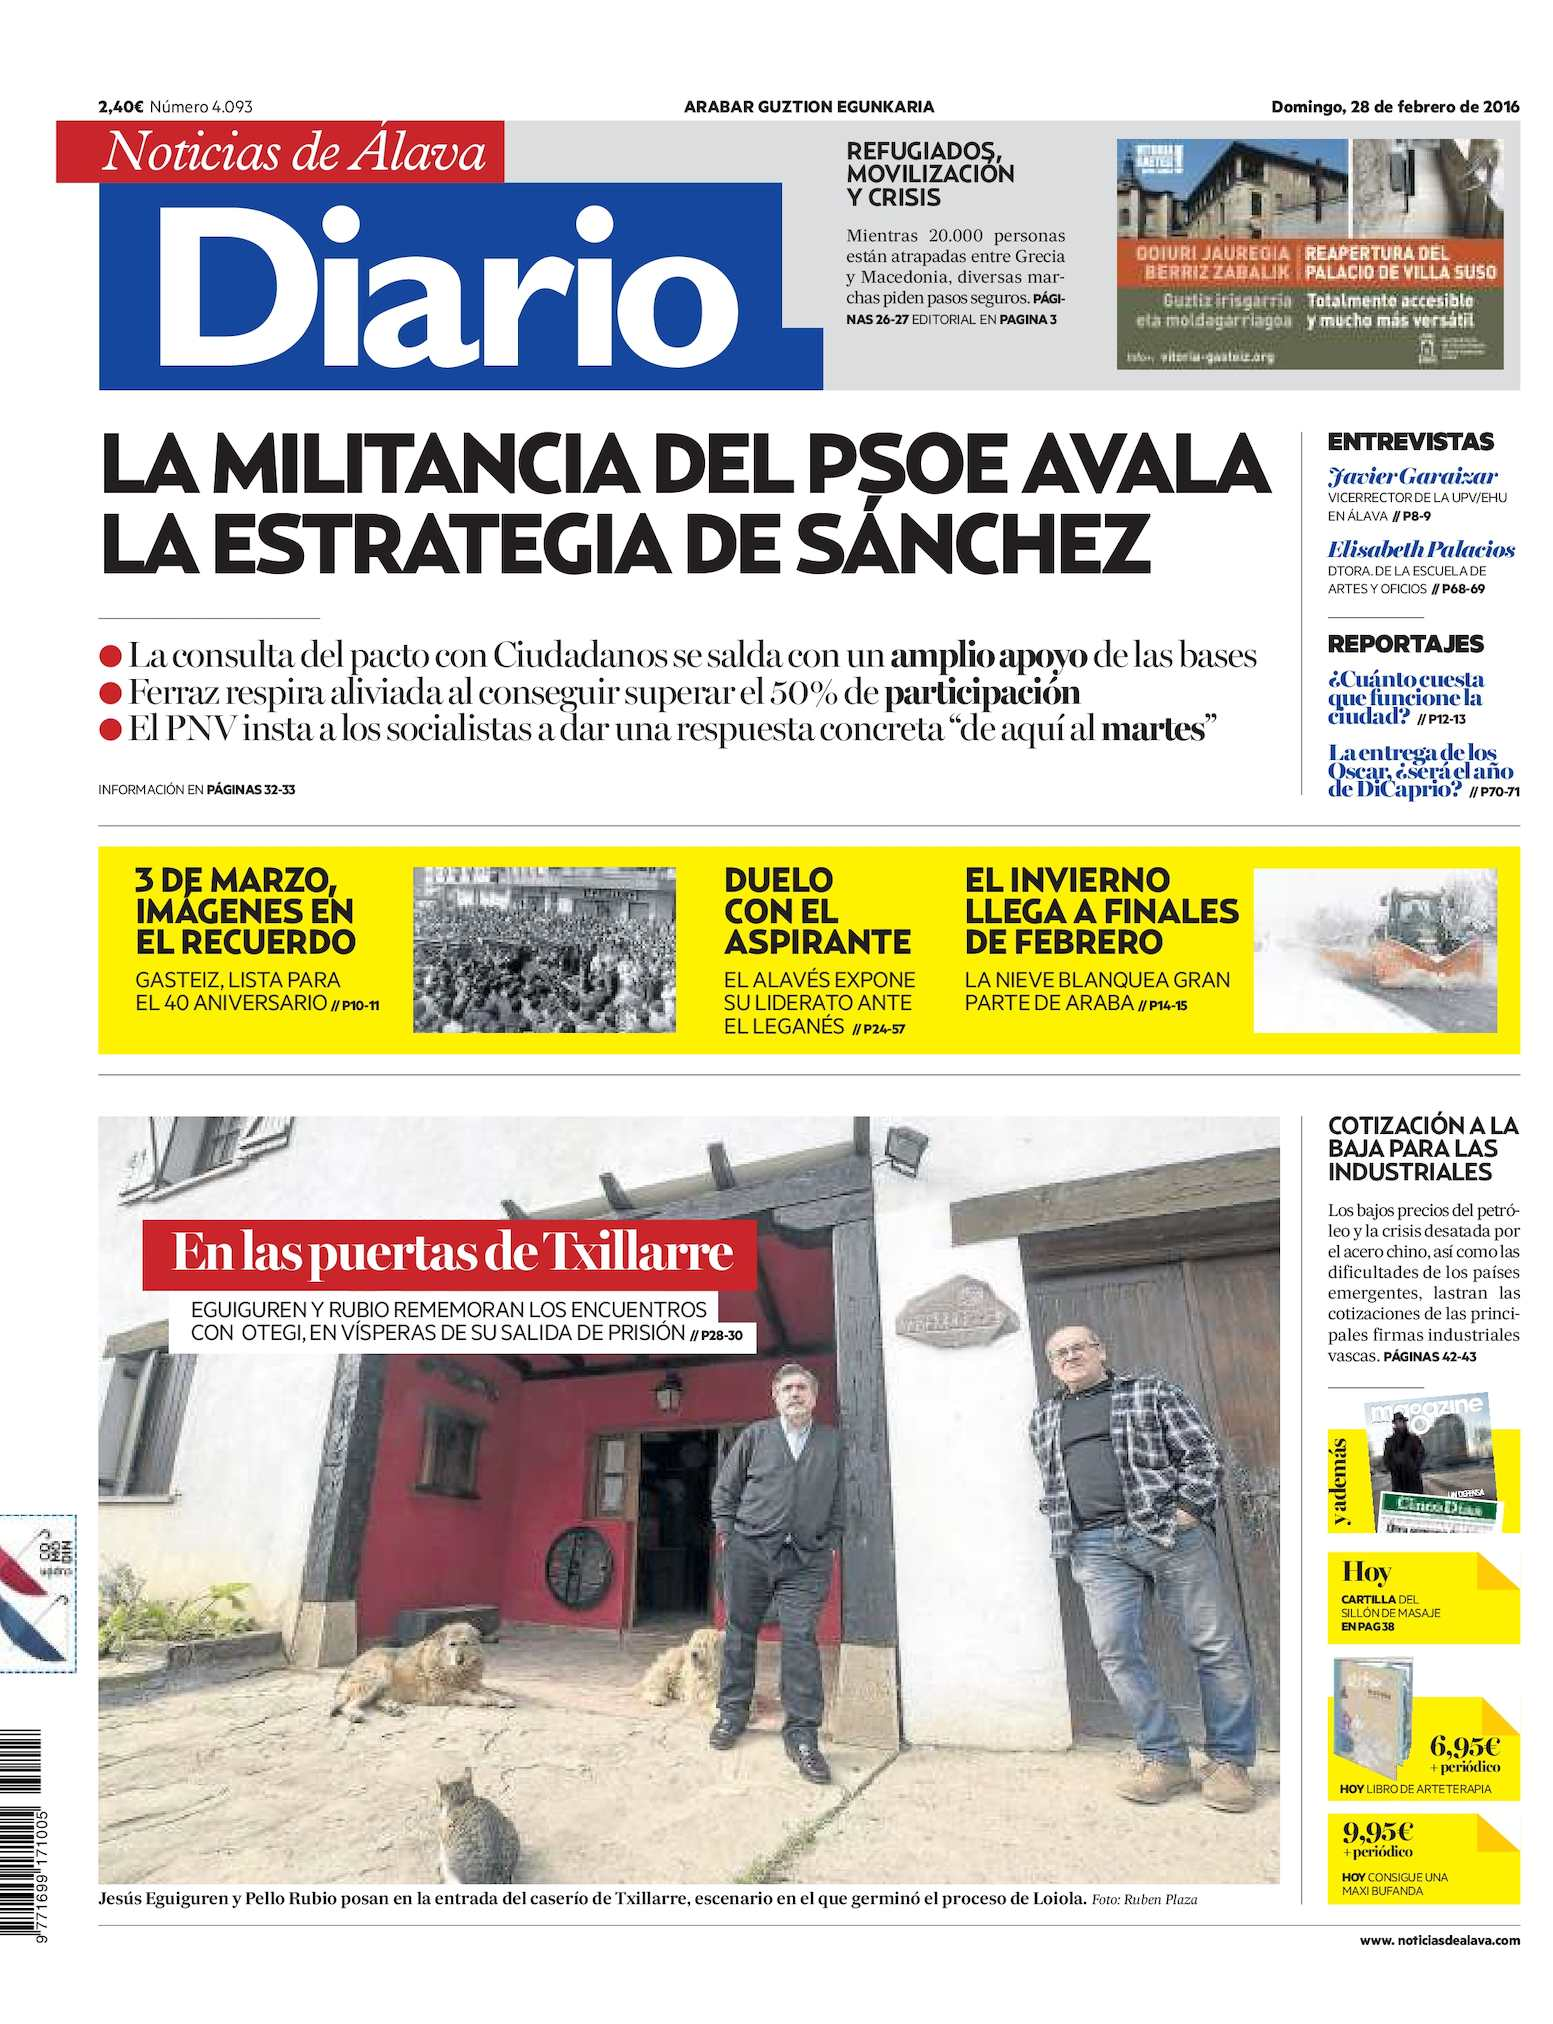 Calaméo - Diario de Noticias de Álava 20160228 46334e5ac2f